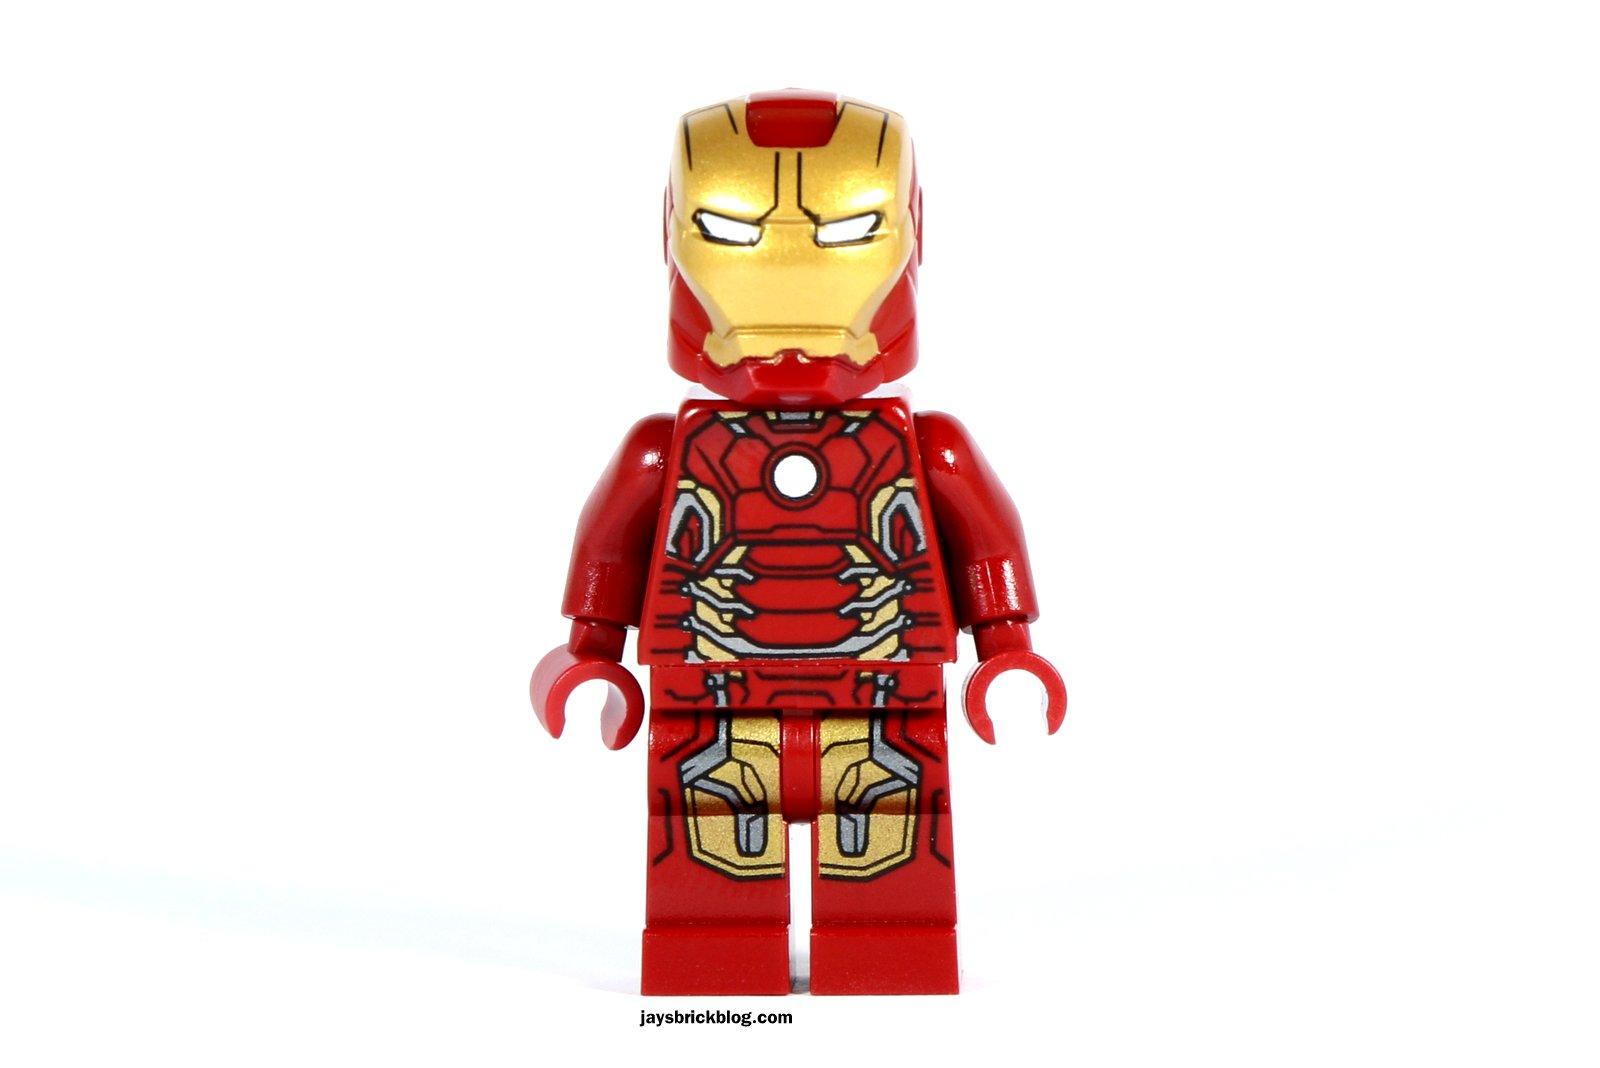 Lego iron man prime